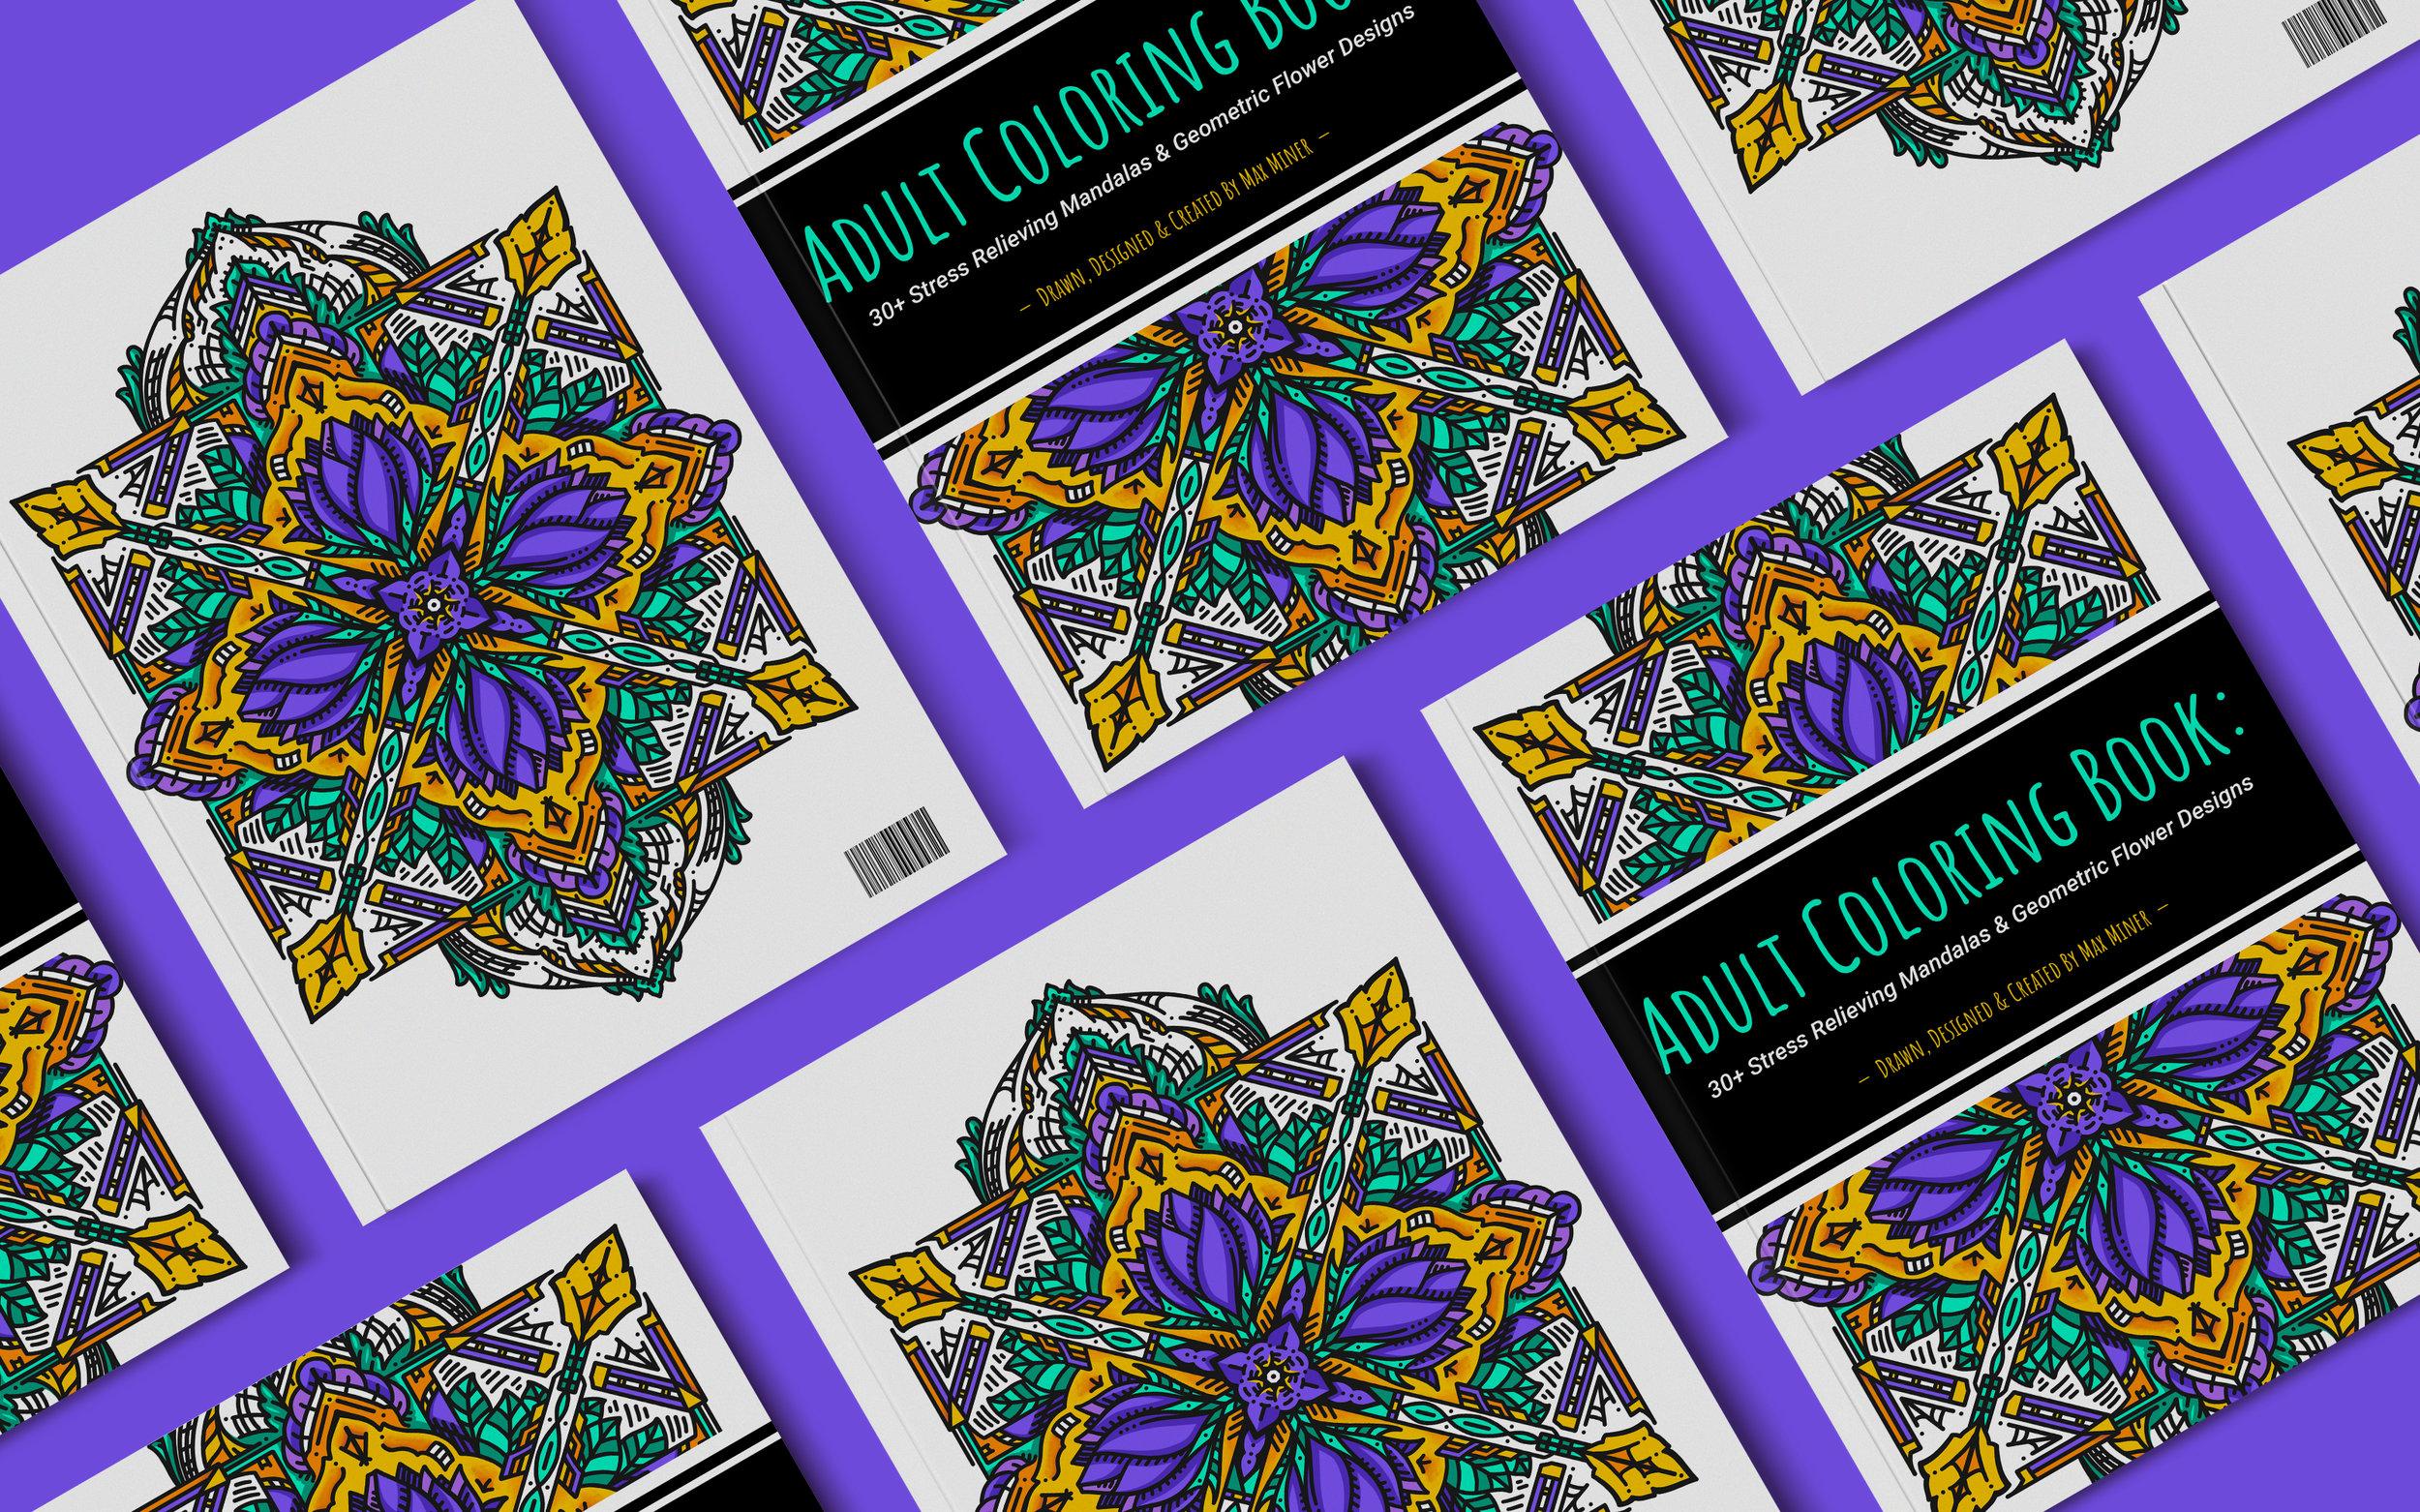 mx-coloringbook-v1-showcase-1.1.jpg